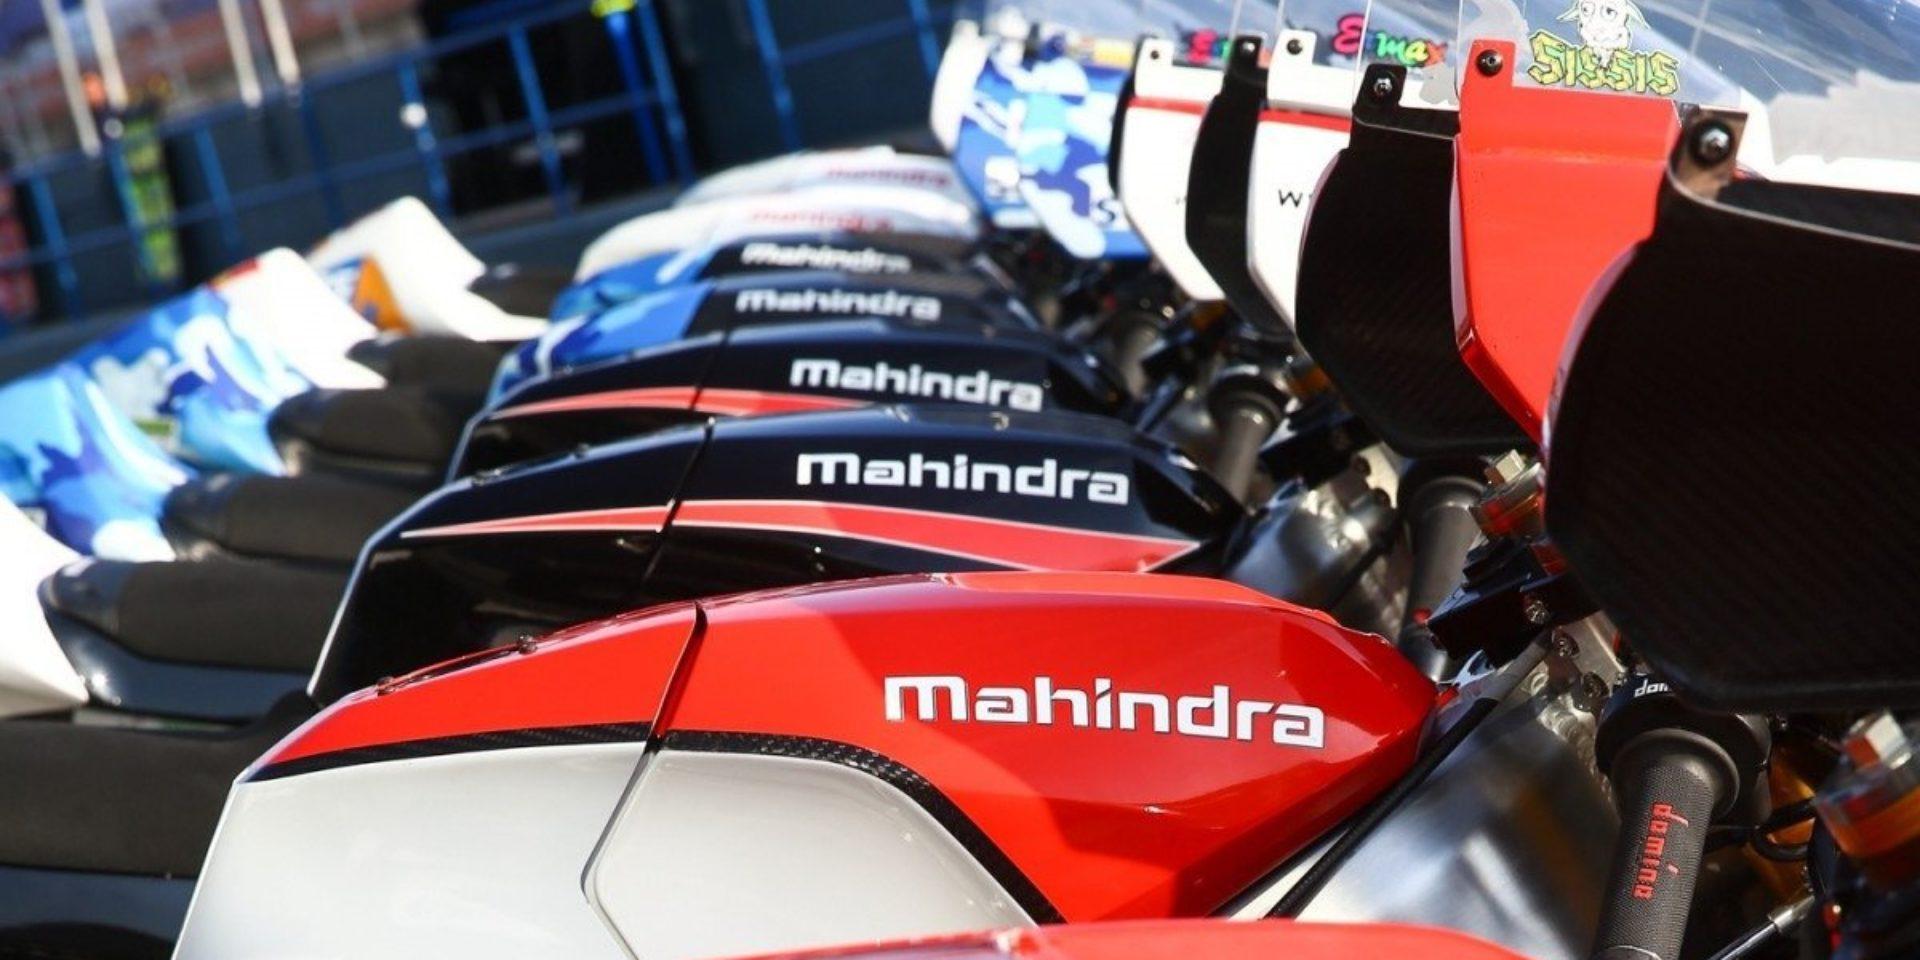 mahindra-pic